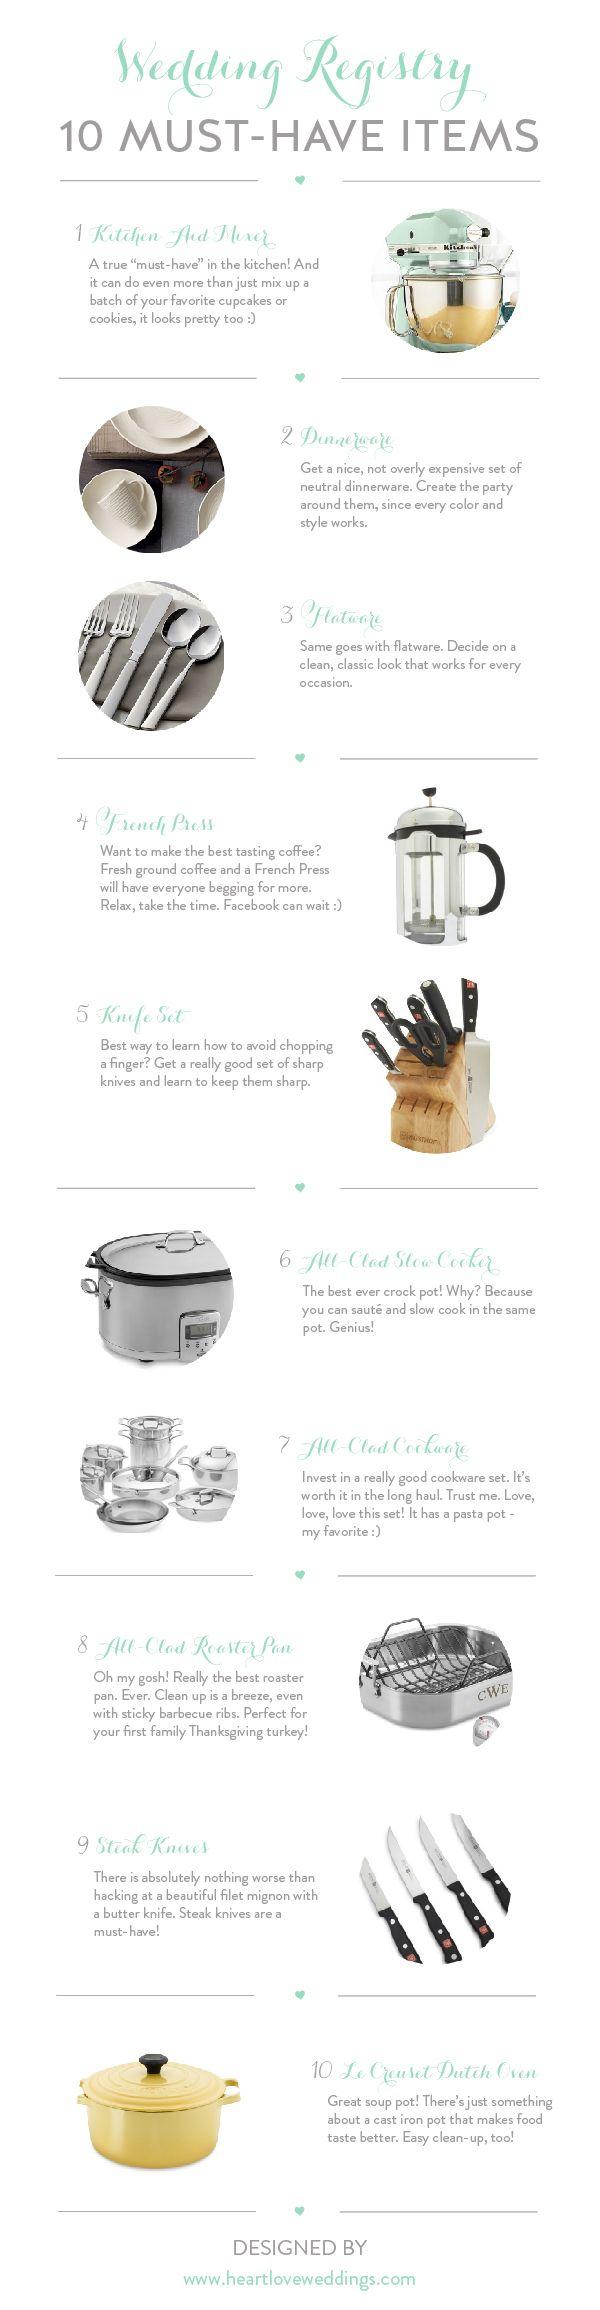 Boardmans Gift Registry Weddings: Best 25+ Gift Registry Ideas On Pinterest